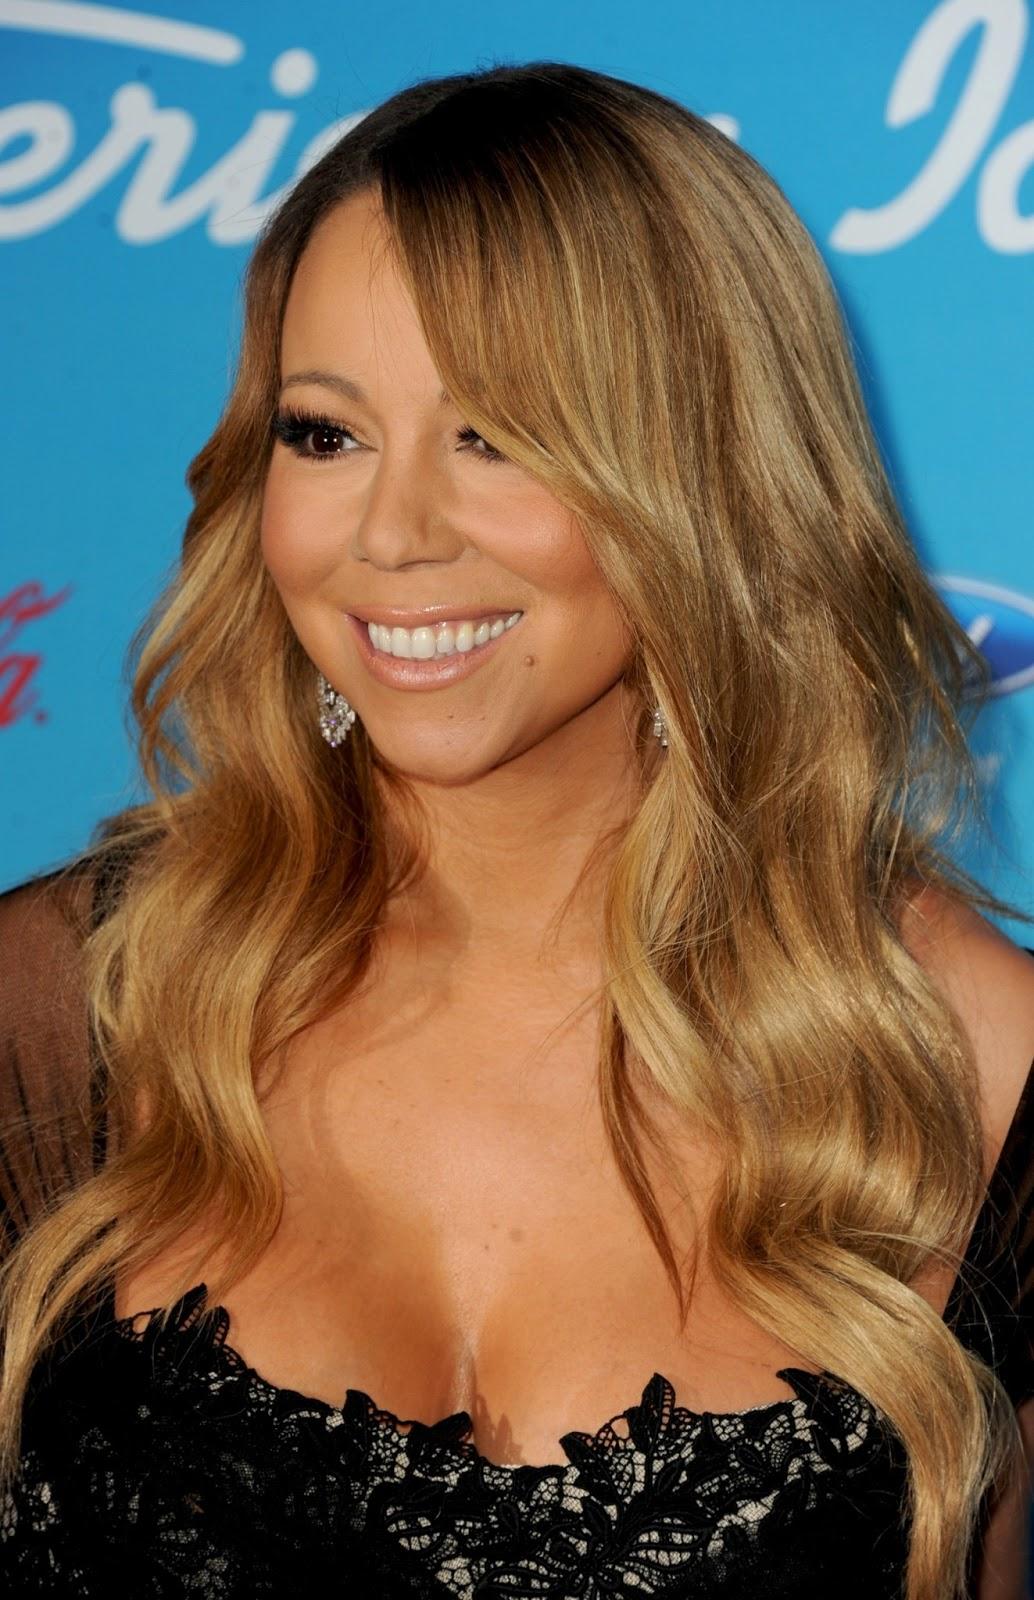 http://2.bp.blogspot.com/-XtwwSAlBxjA/UTtGCk3ZJ8I/AAAAAAAANEM/mgVHpiEVlT8/s1600/Mariah-Carey-4.jpg